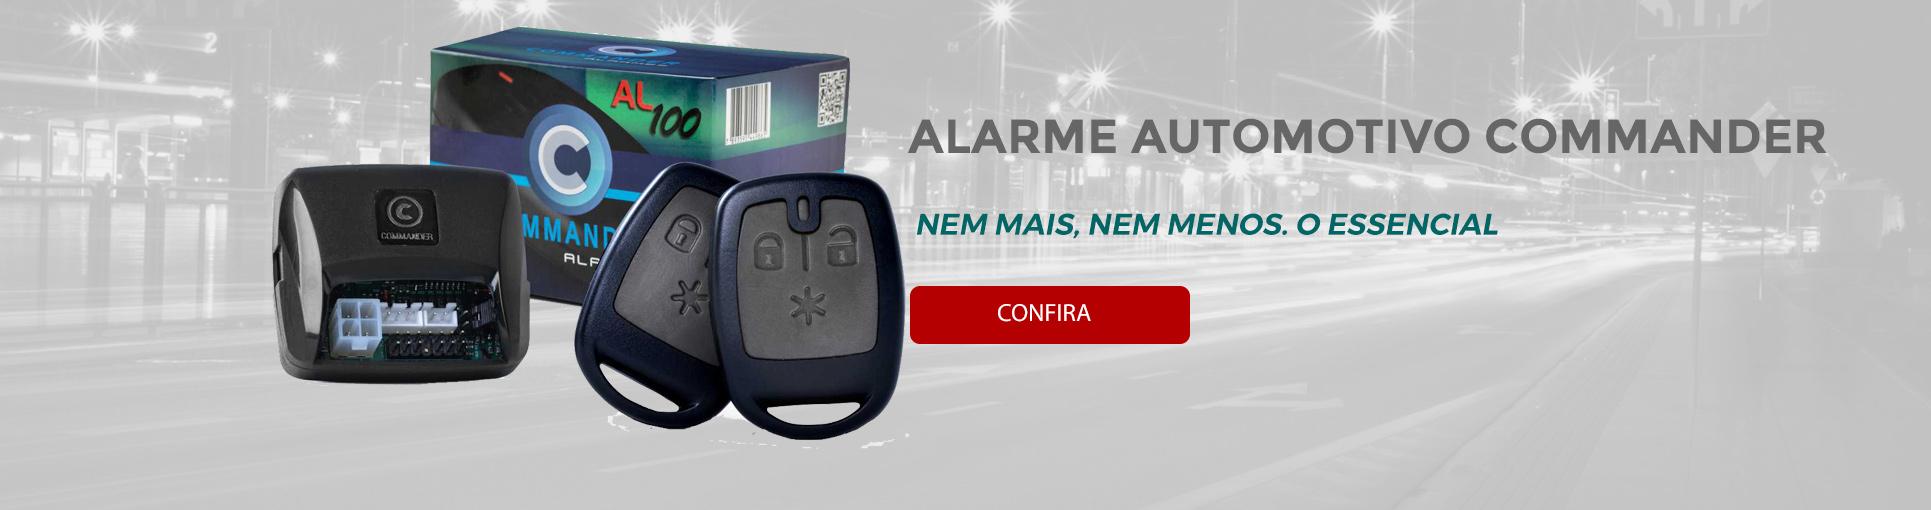 alarmes-automotivos-commander